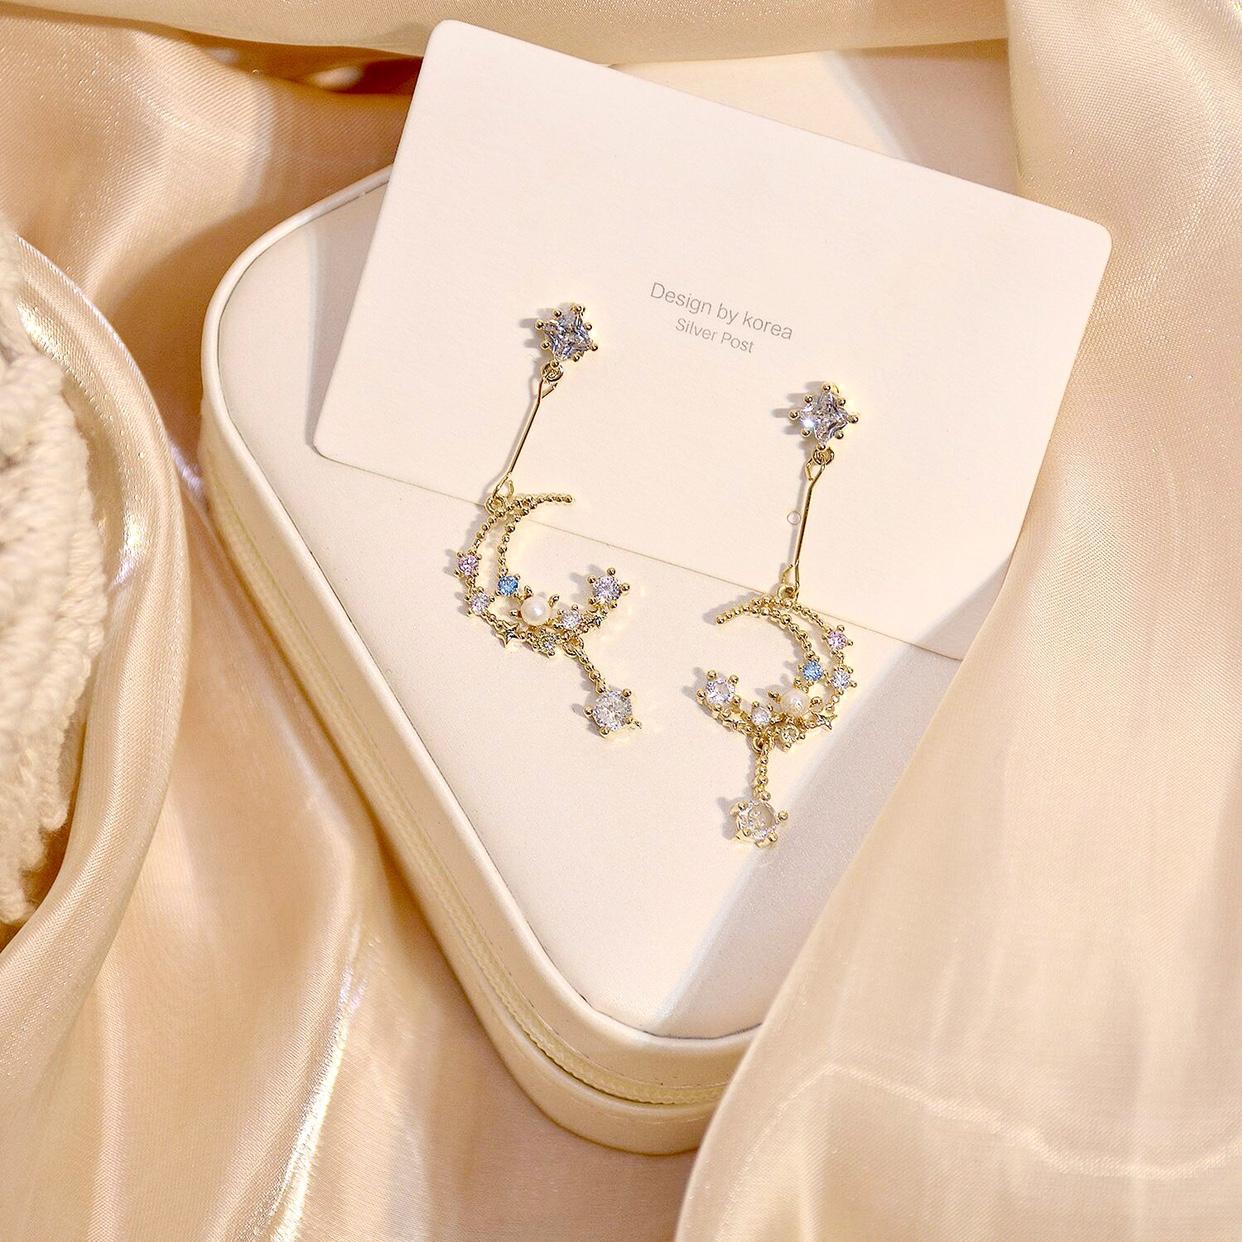 韓国s 925銀の針の小さい嵌合のジルコニアの石のきらきらと光る石の真珠の月のしずくの長い項の洛麗塔のイヤリングのイヤリング